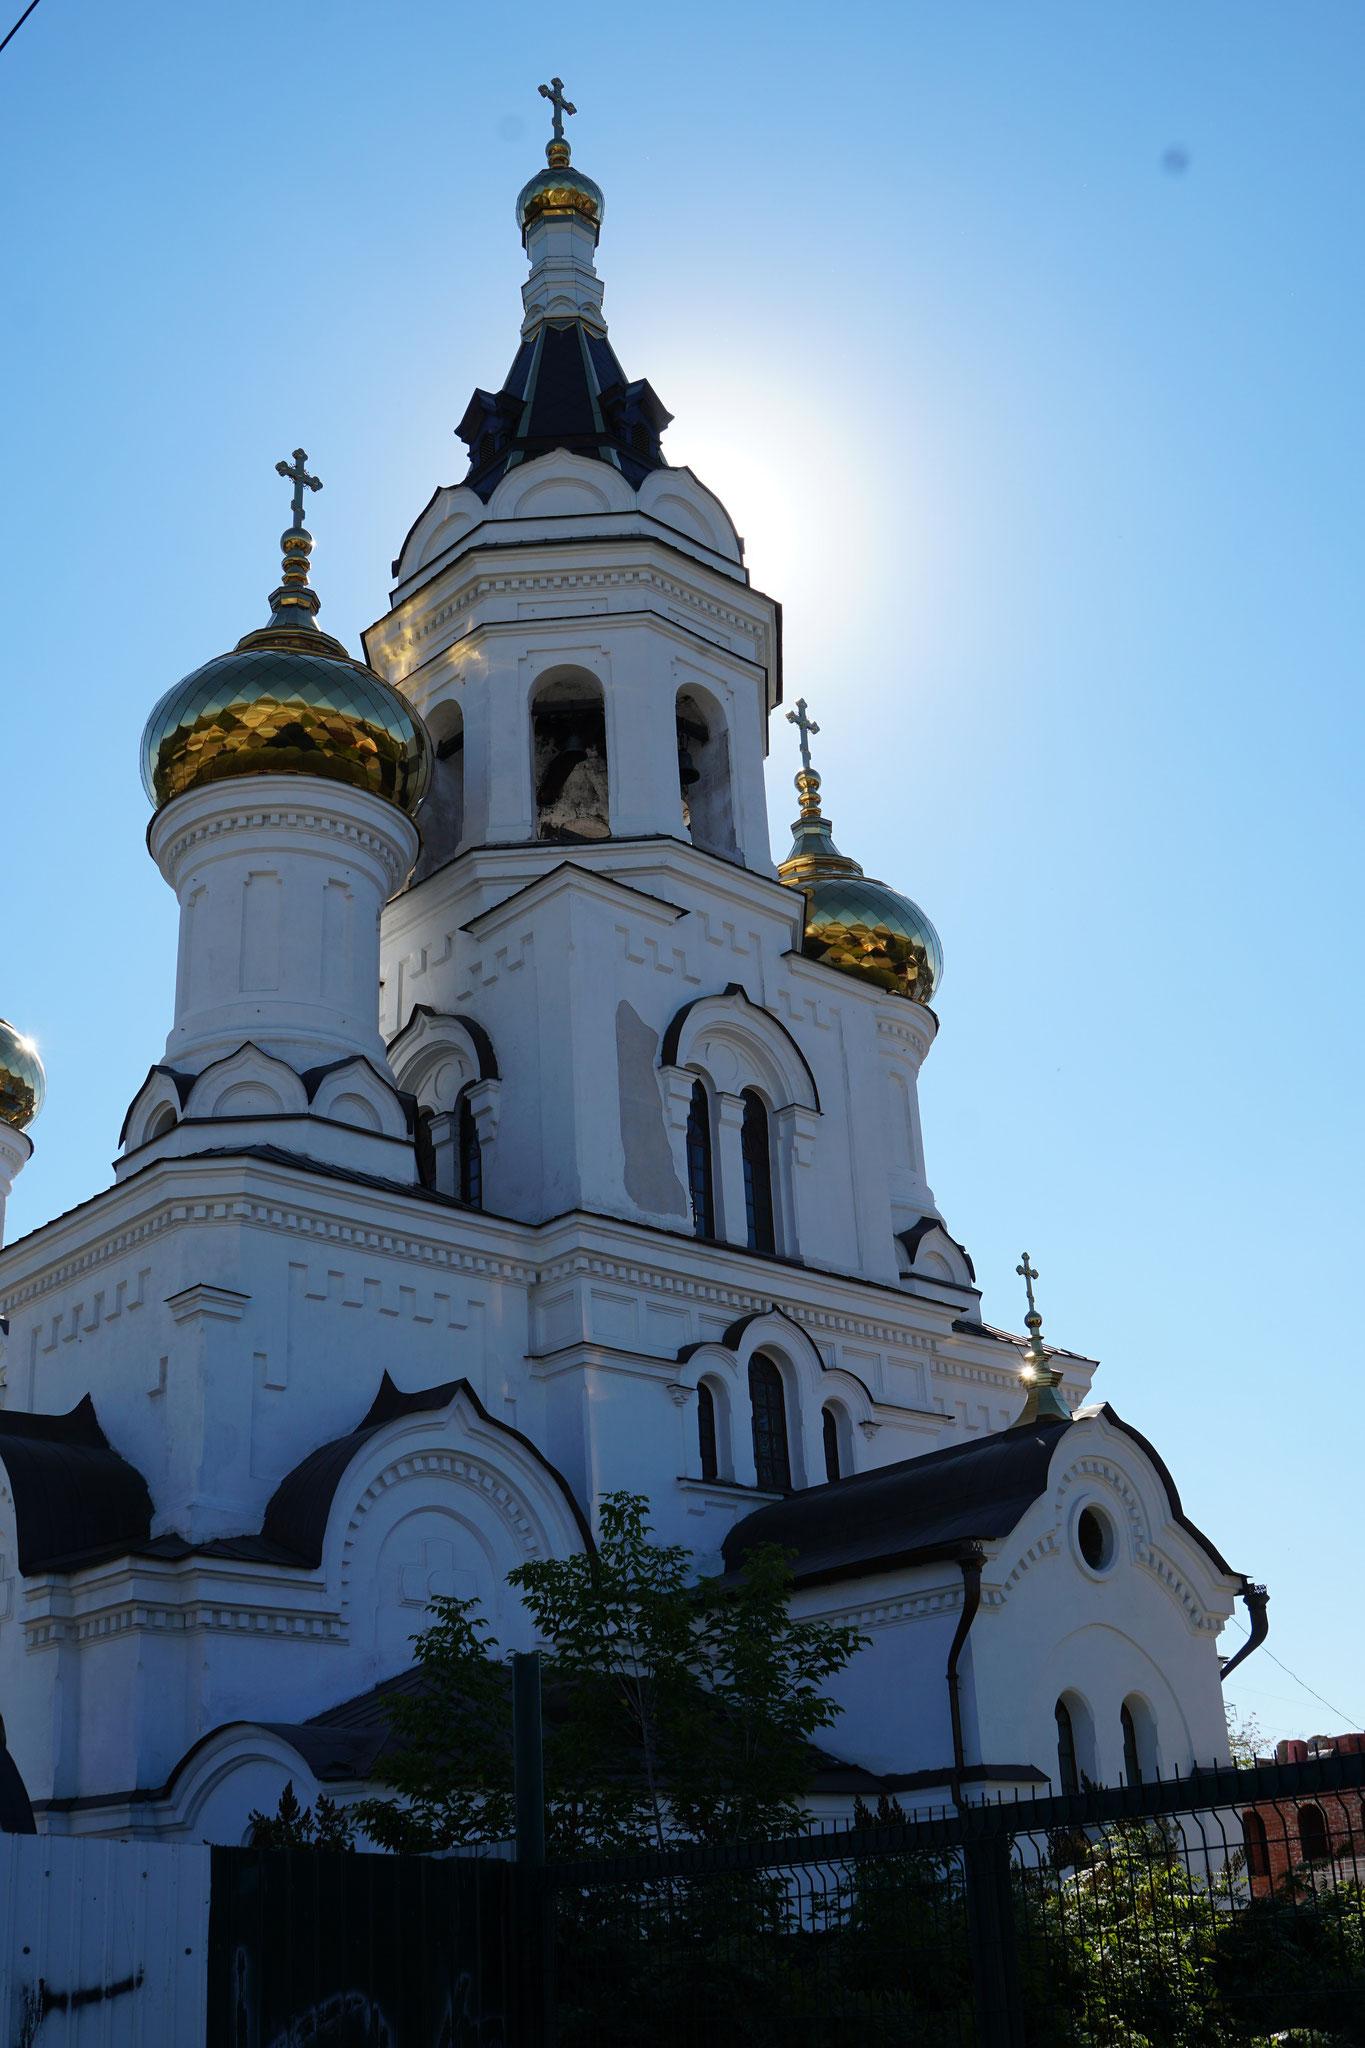 Überall hat es Kirchen mit goldigen Kuppen